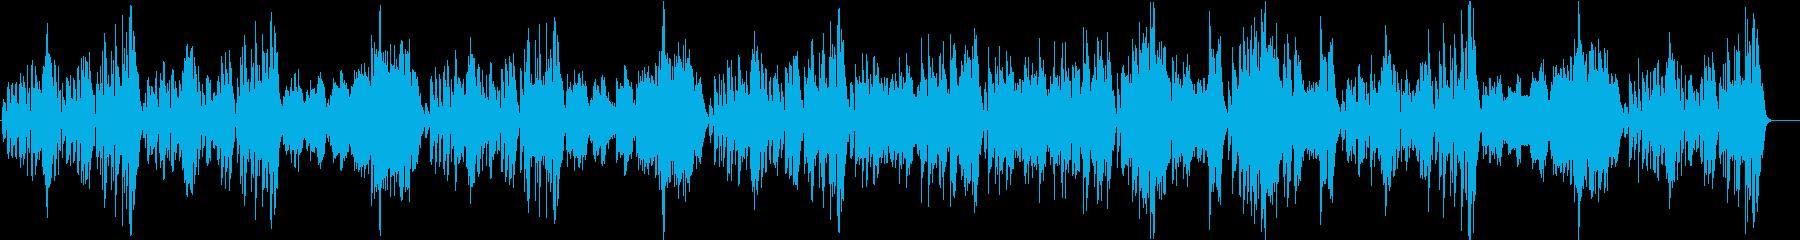 モーツァルトのメヌエットをヴァイオリンでの再生済みの波形